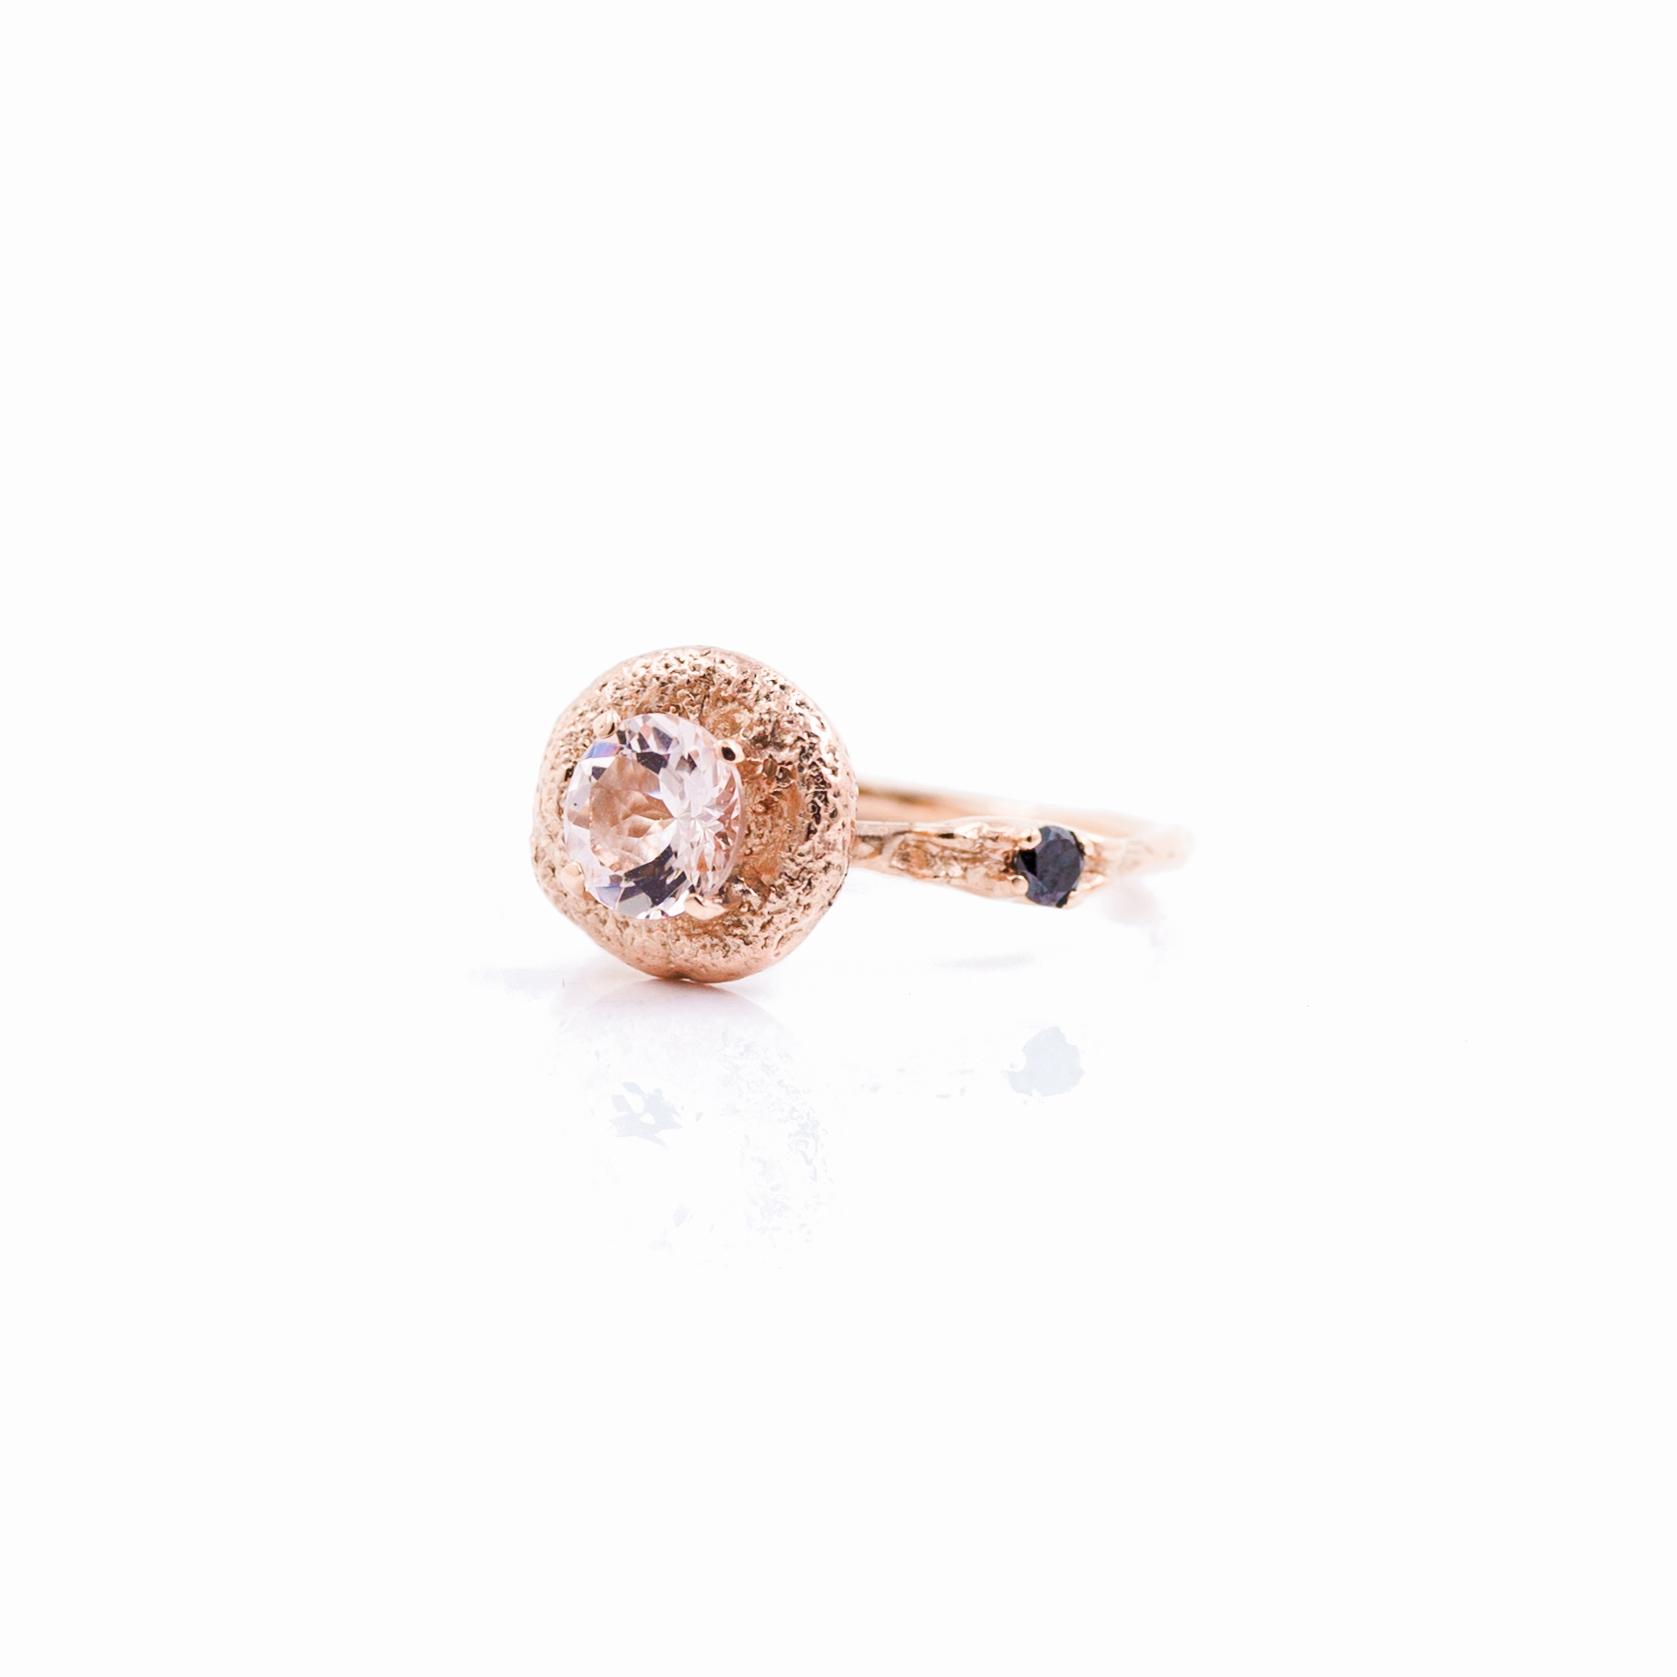 Surfacing Engagement Ring   18ct rose gold, morganite, black diamond.